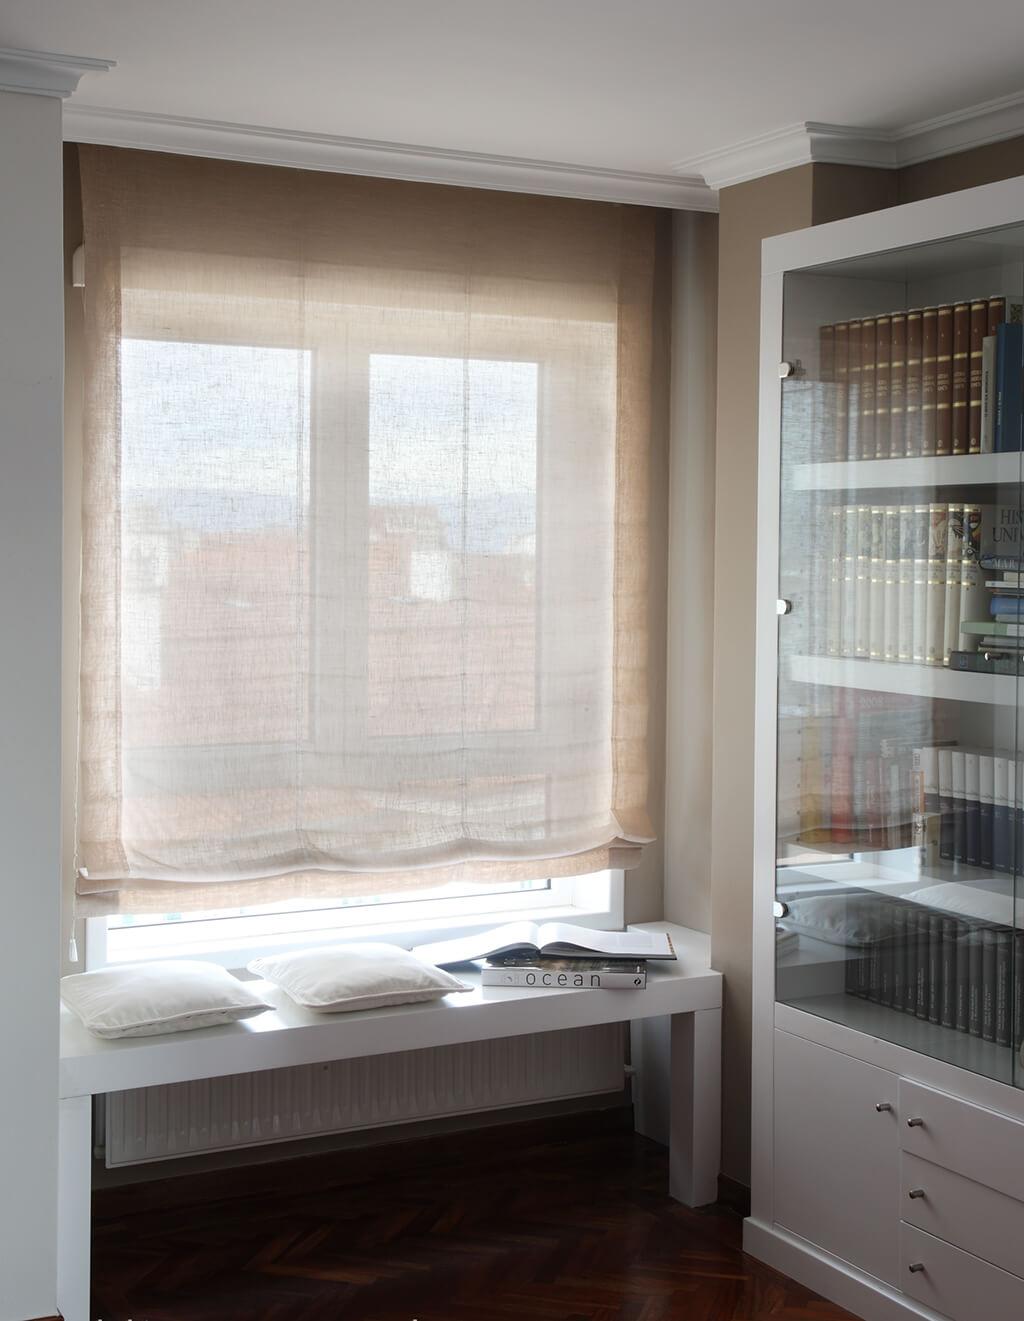 Faltrollo Bandalux in creme, für eine warme Atmosphäre im Wohnzimmer